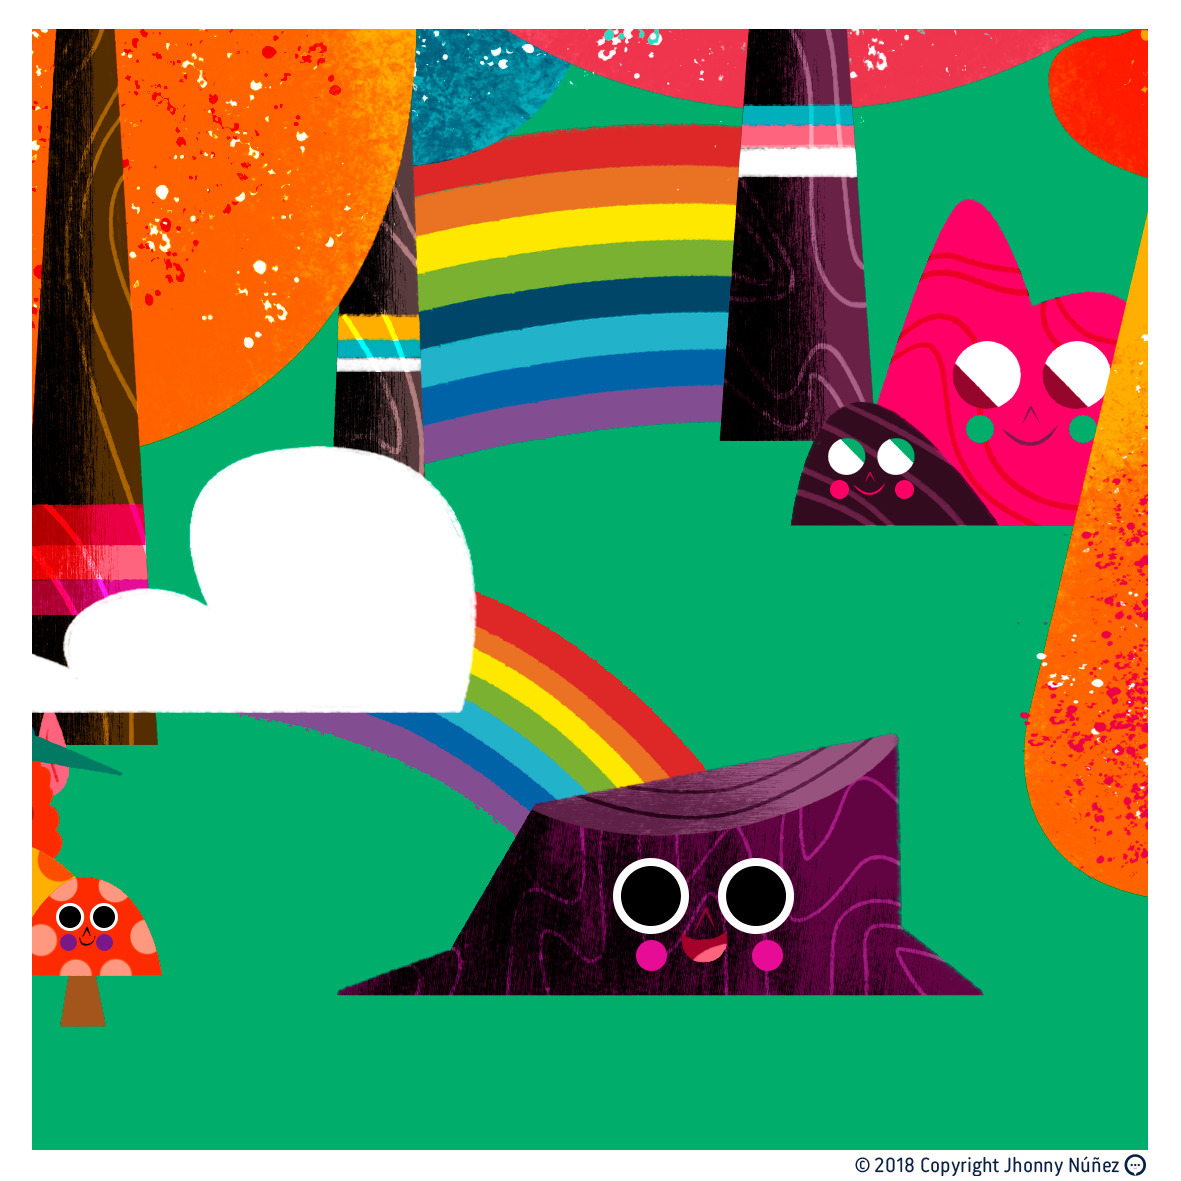 Rainbows geroge magazine - JhonnyNúñez - dblackhand | ello